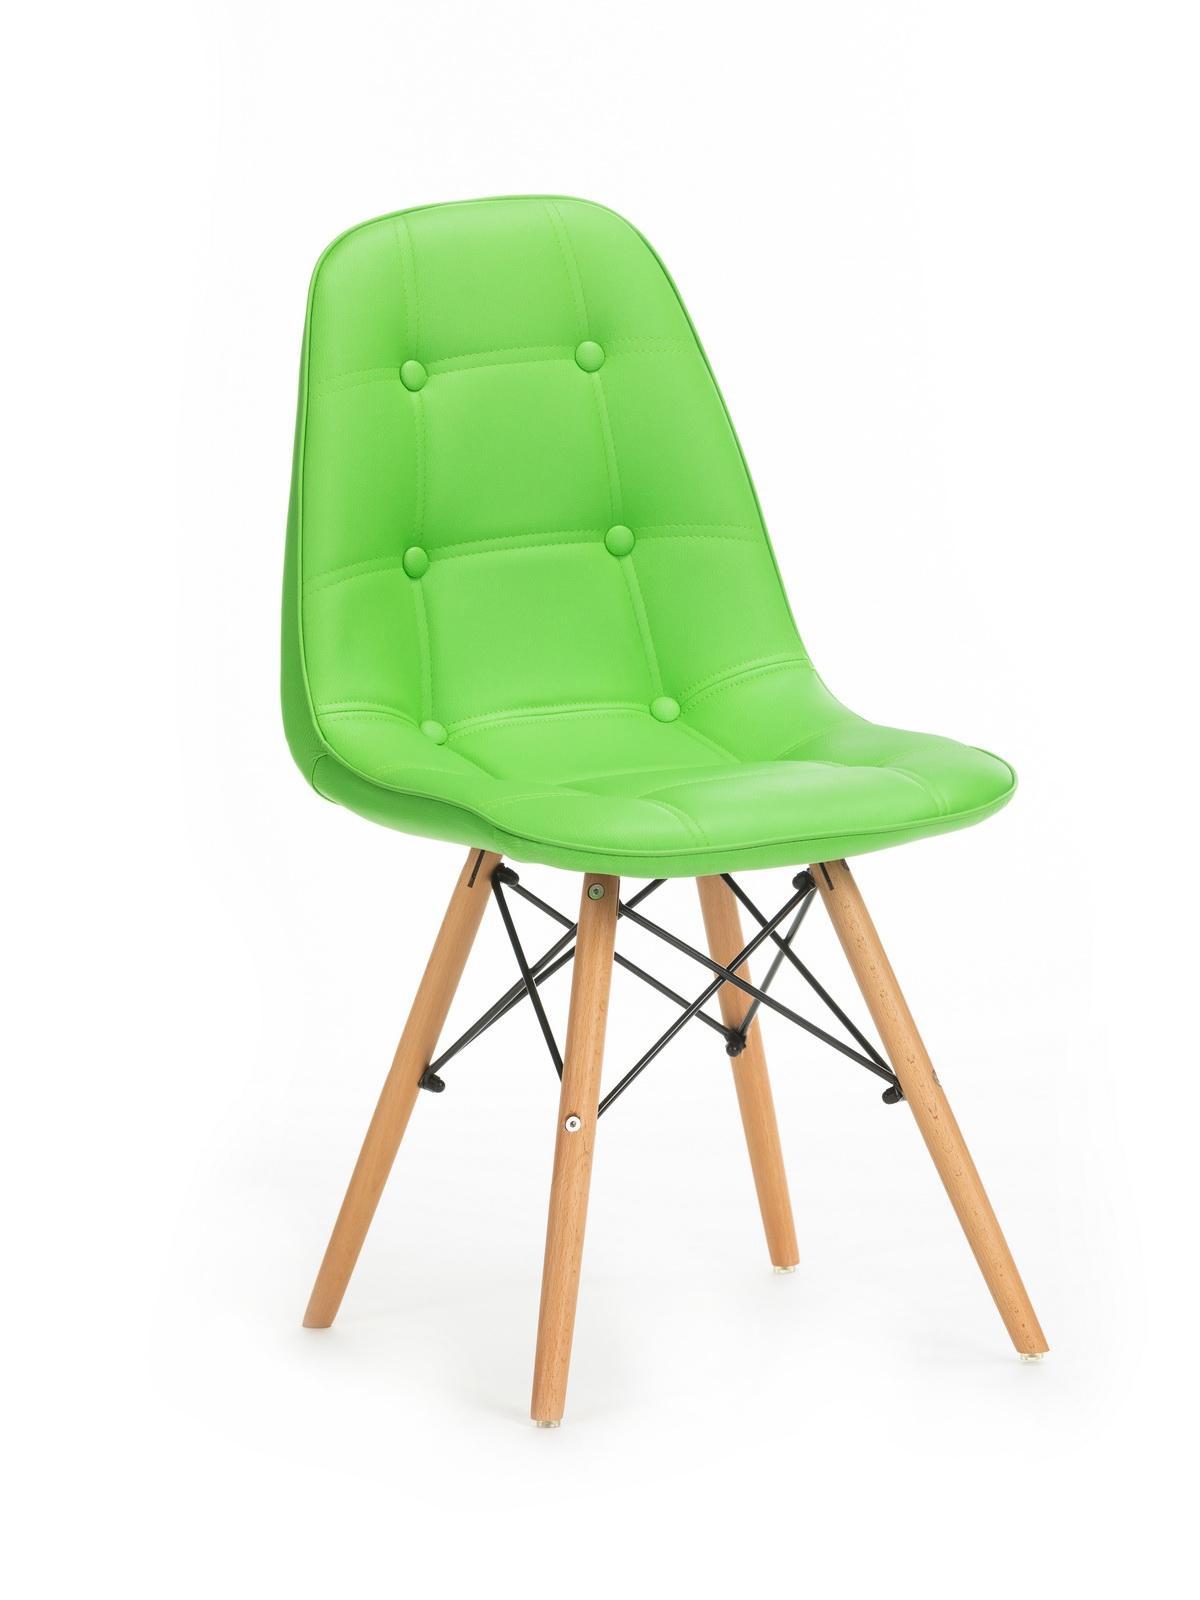 Scaun tapitat cu piele ecologica cu picioare de lemn Stag Green l55xA48xH83 cm